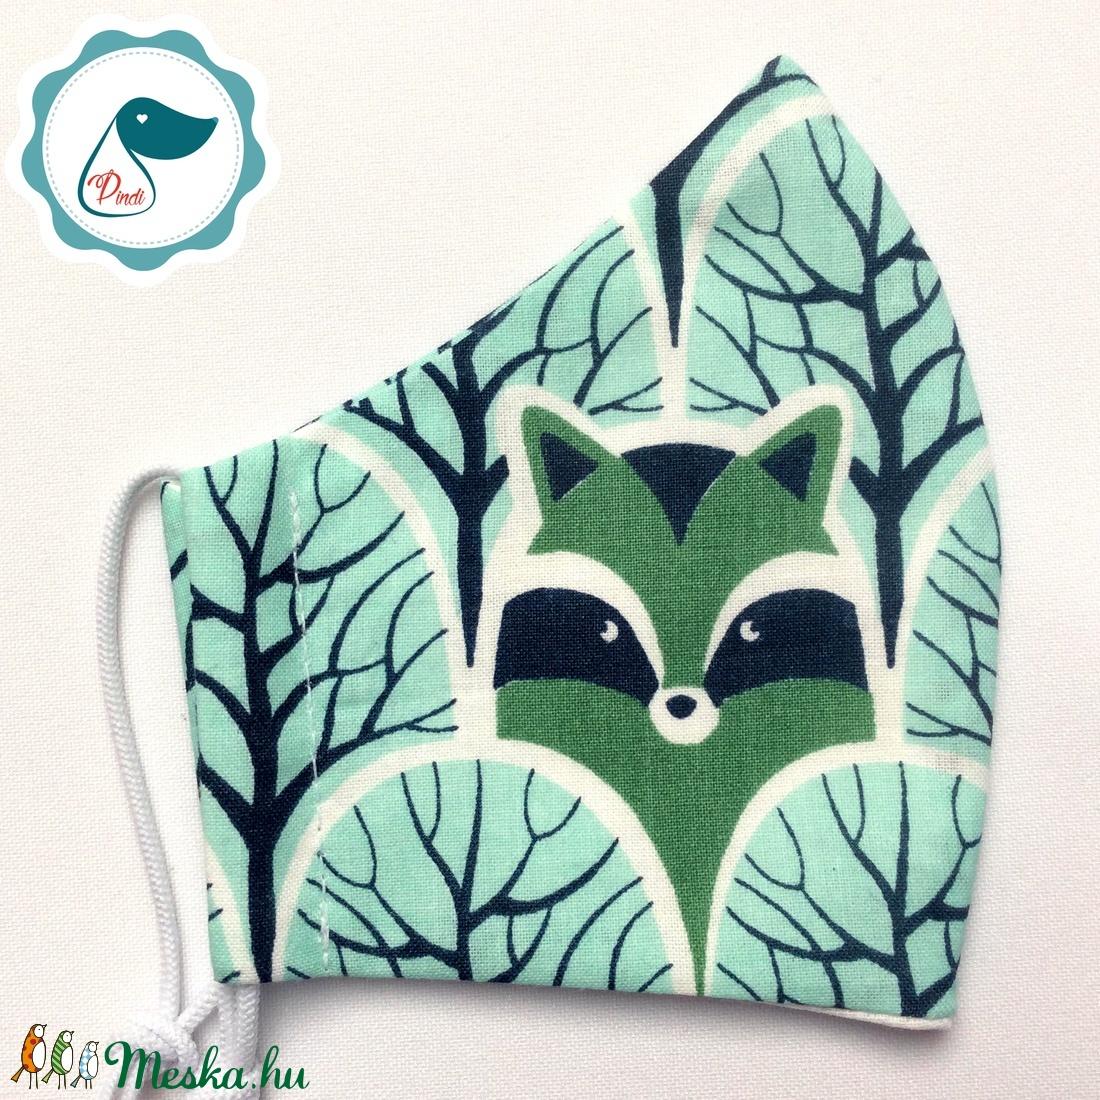 Egyedi mosómedve az erdőben maszk- gyerek  arcmaszk - textil szájmaszk - egészségügyi szájmaszk - mosható szájmaszk - maszk, arcmaszk - gyerek - Meska.hu